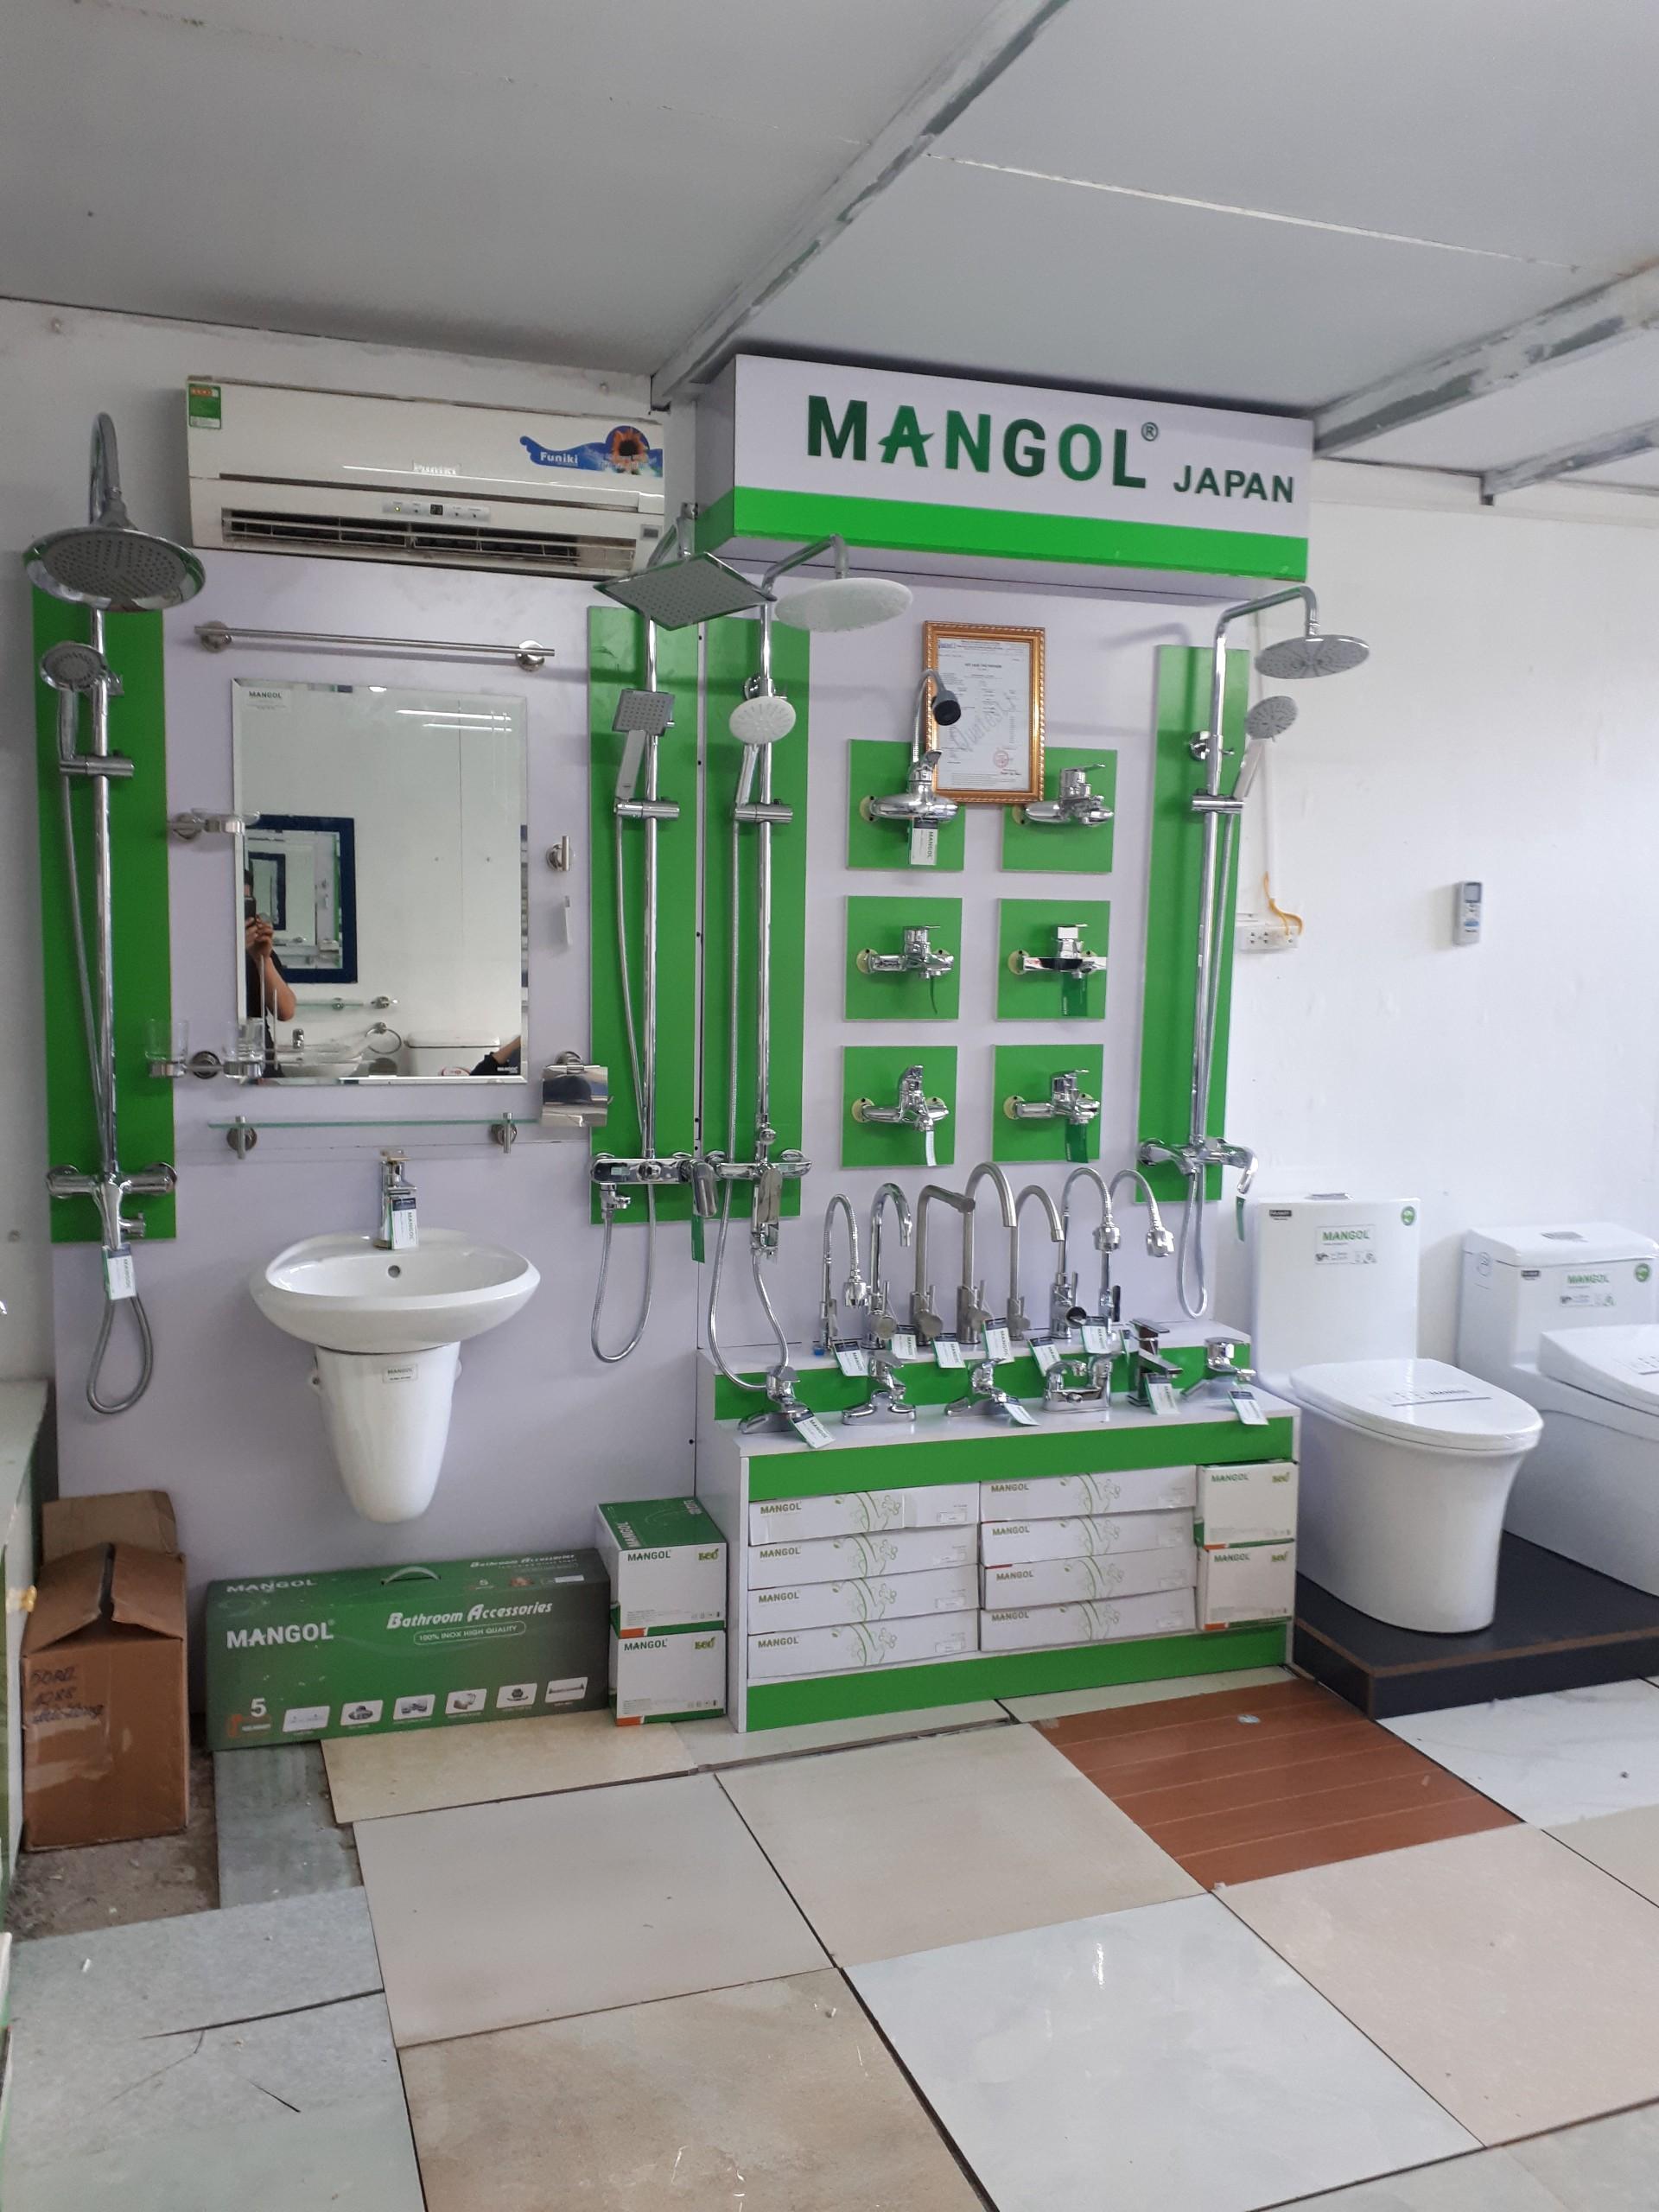 Ảnh giá kệ thiết bị vệ sinh Mangol 2m4 x 2m4